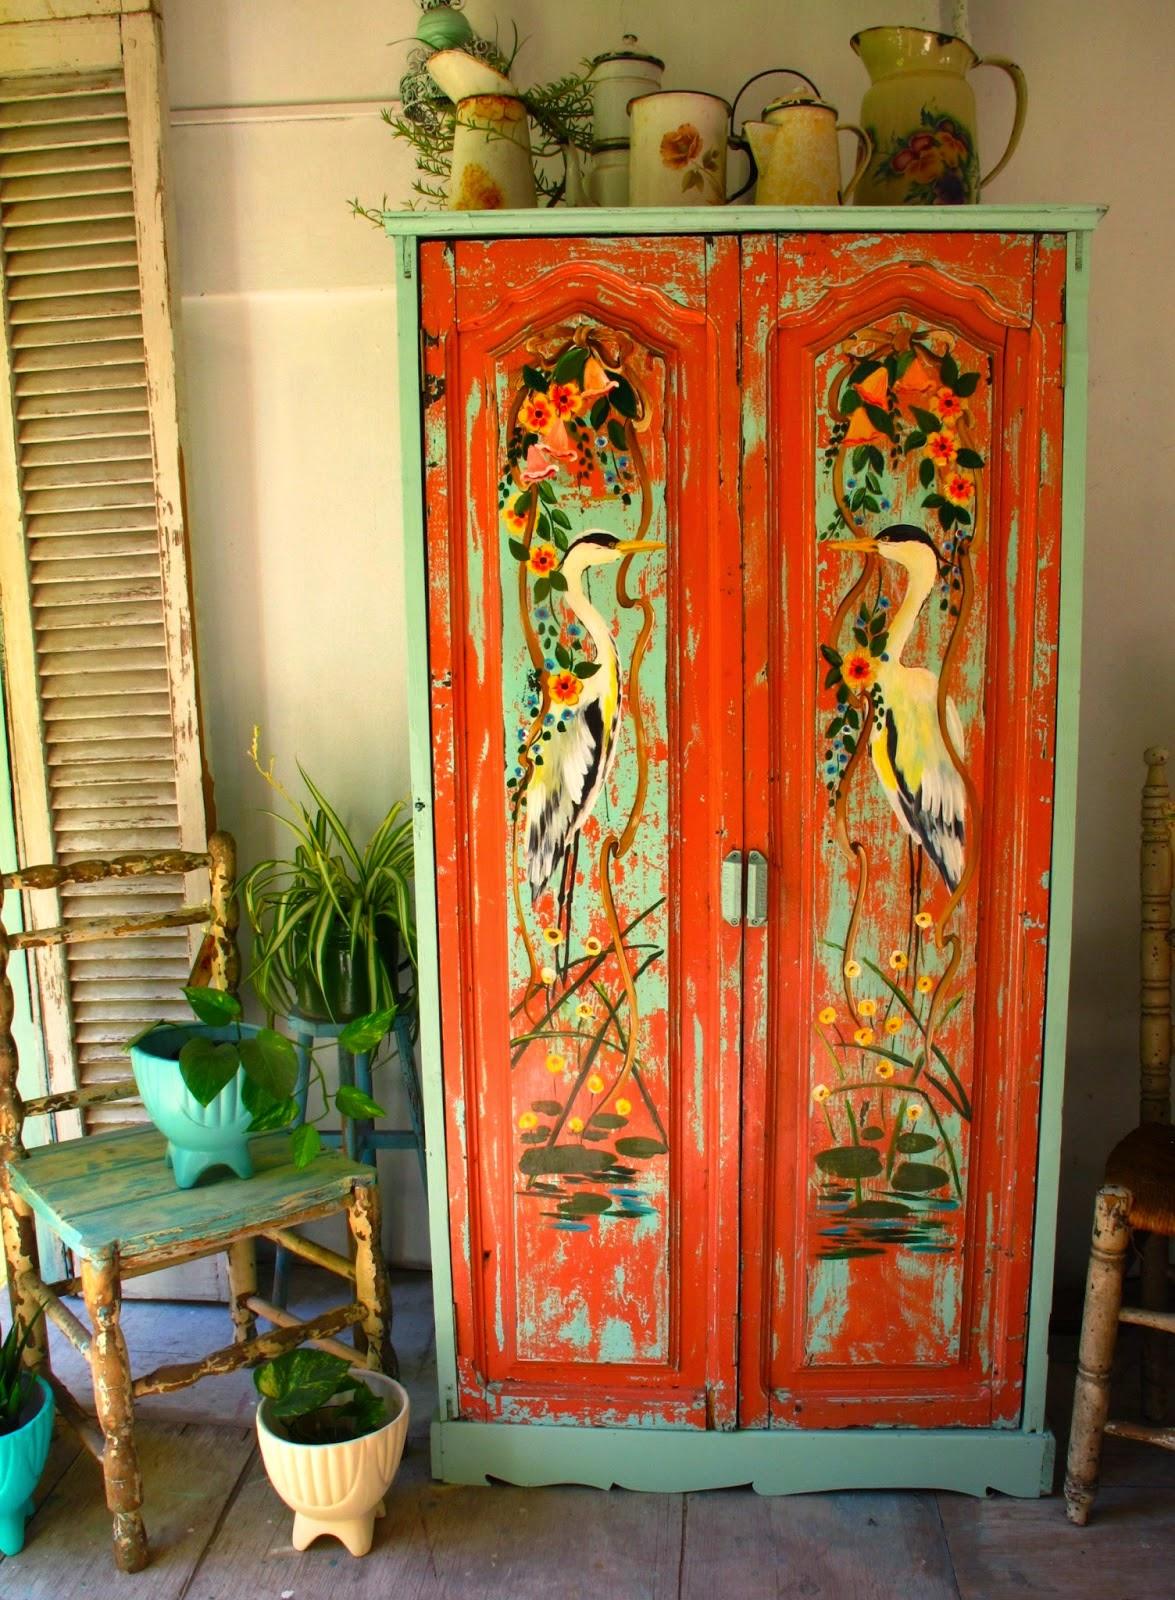 pintura vinatge no aramerio antigo